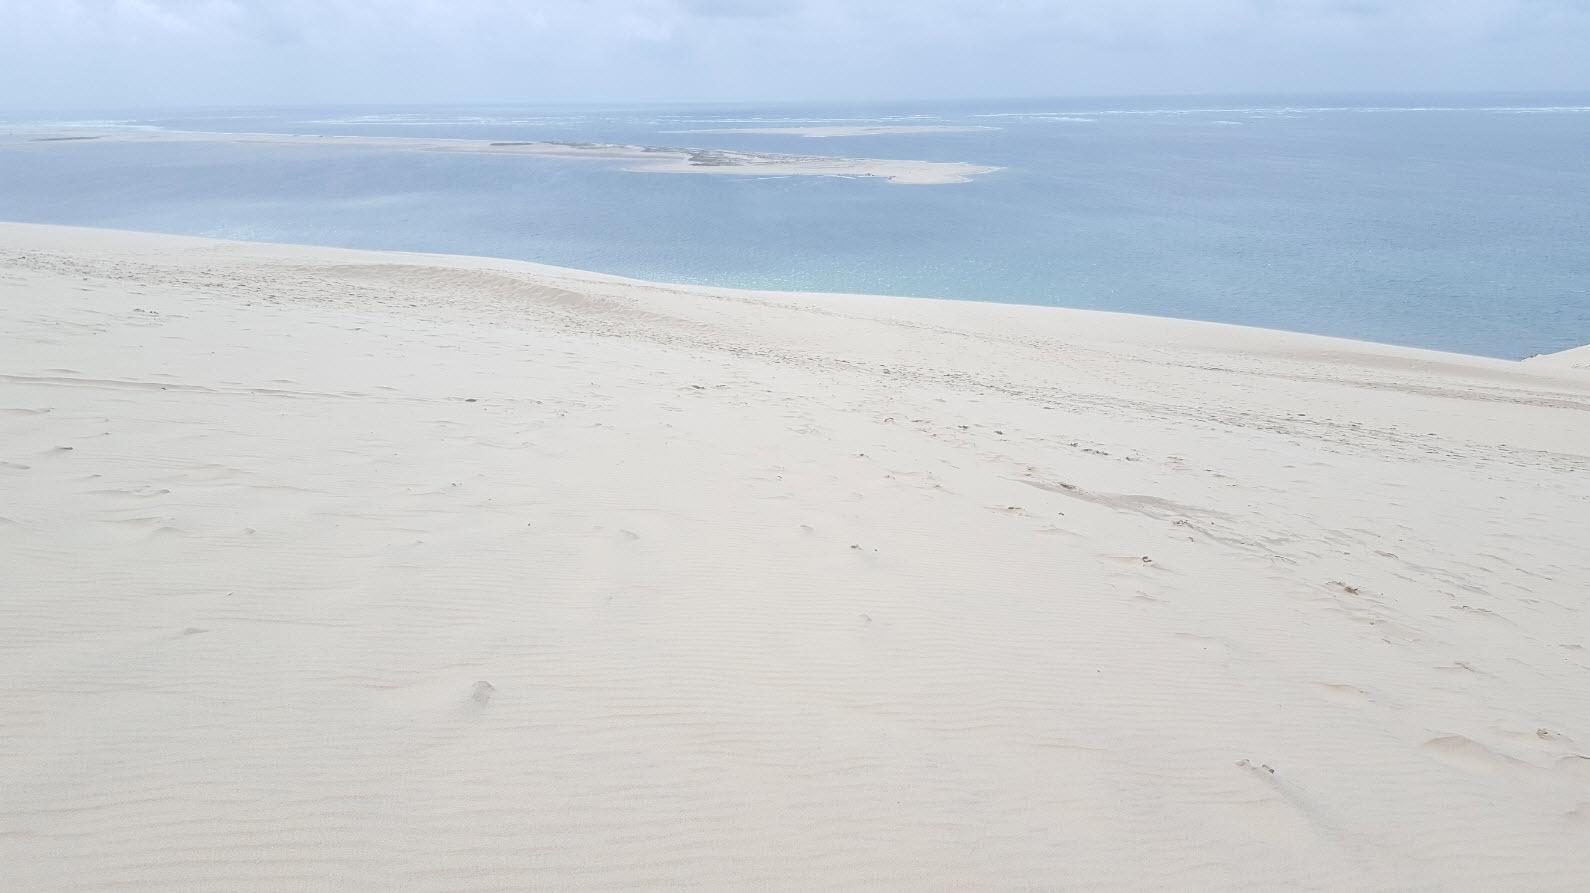 Cote ocean